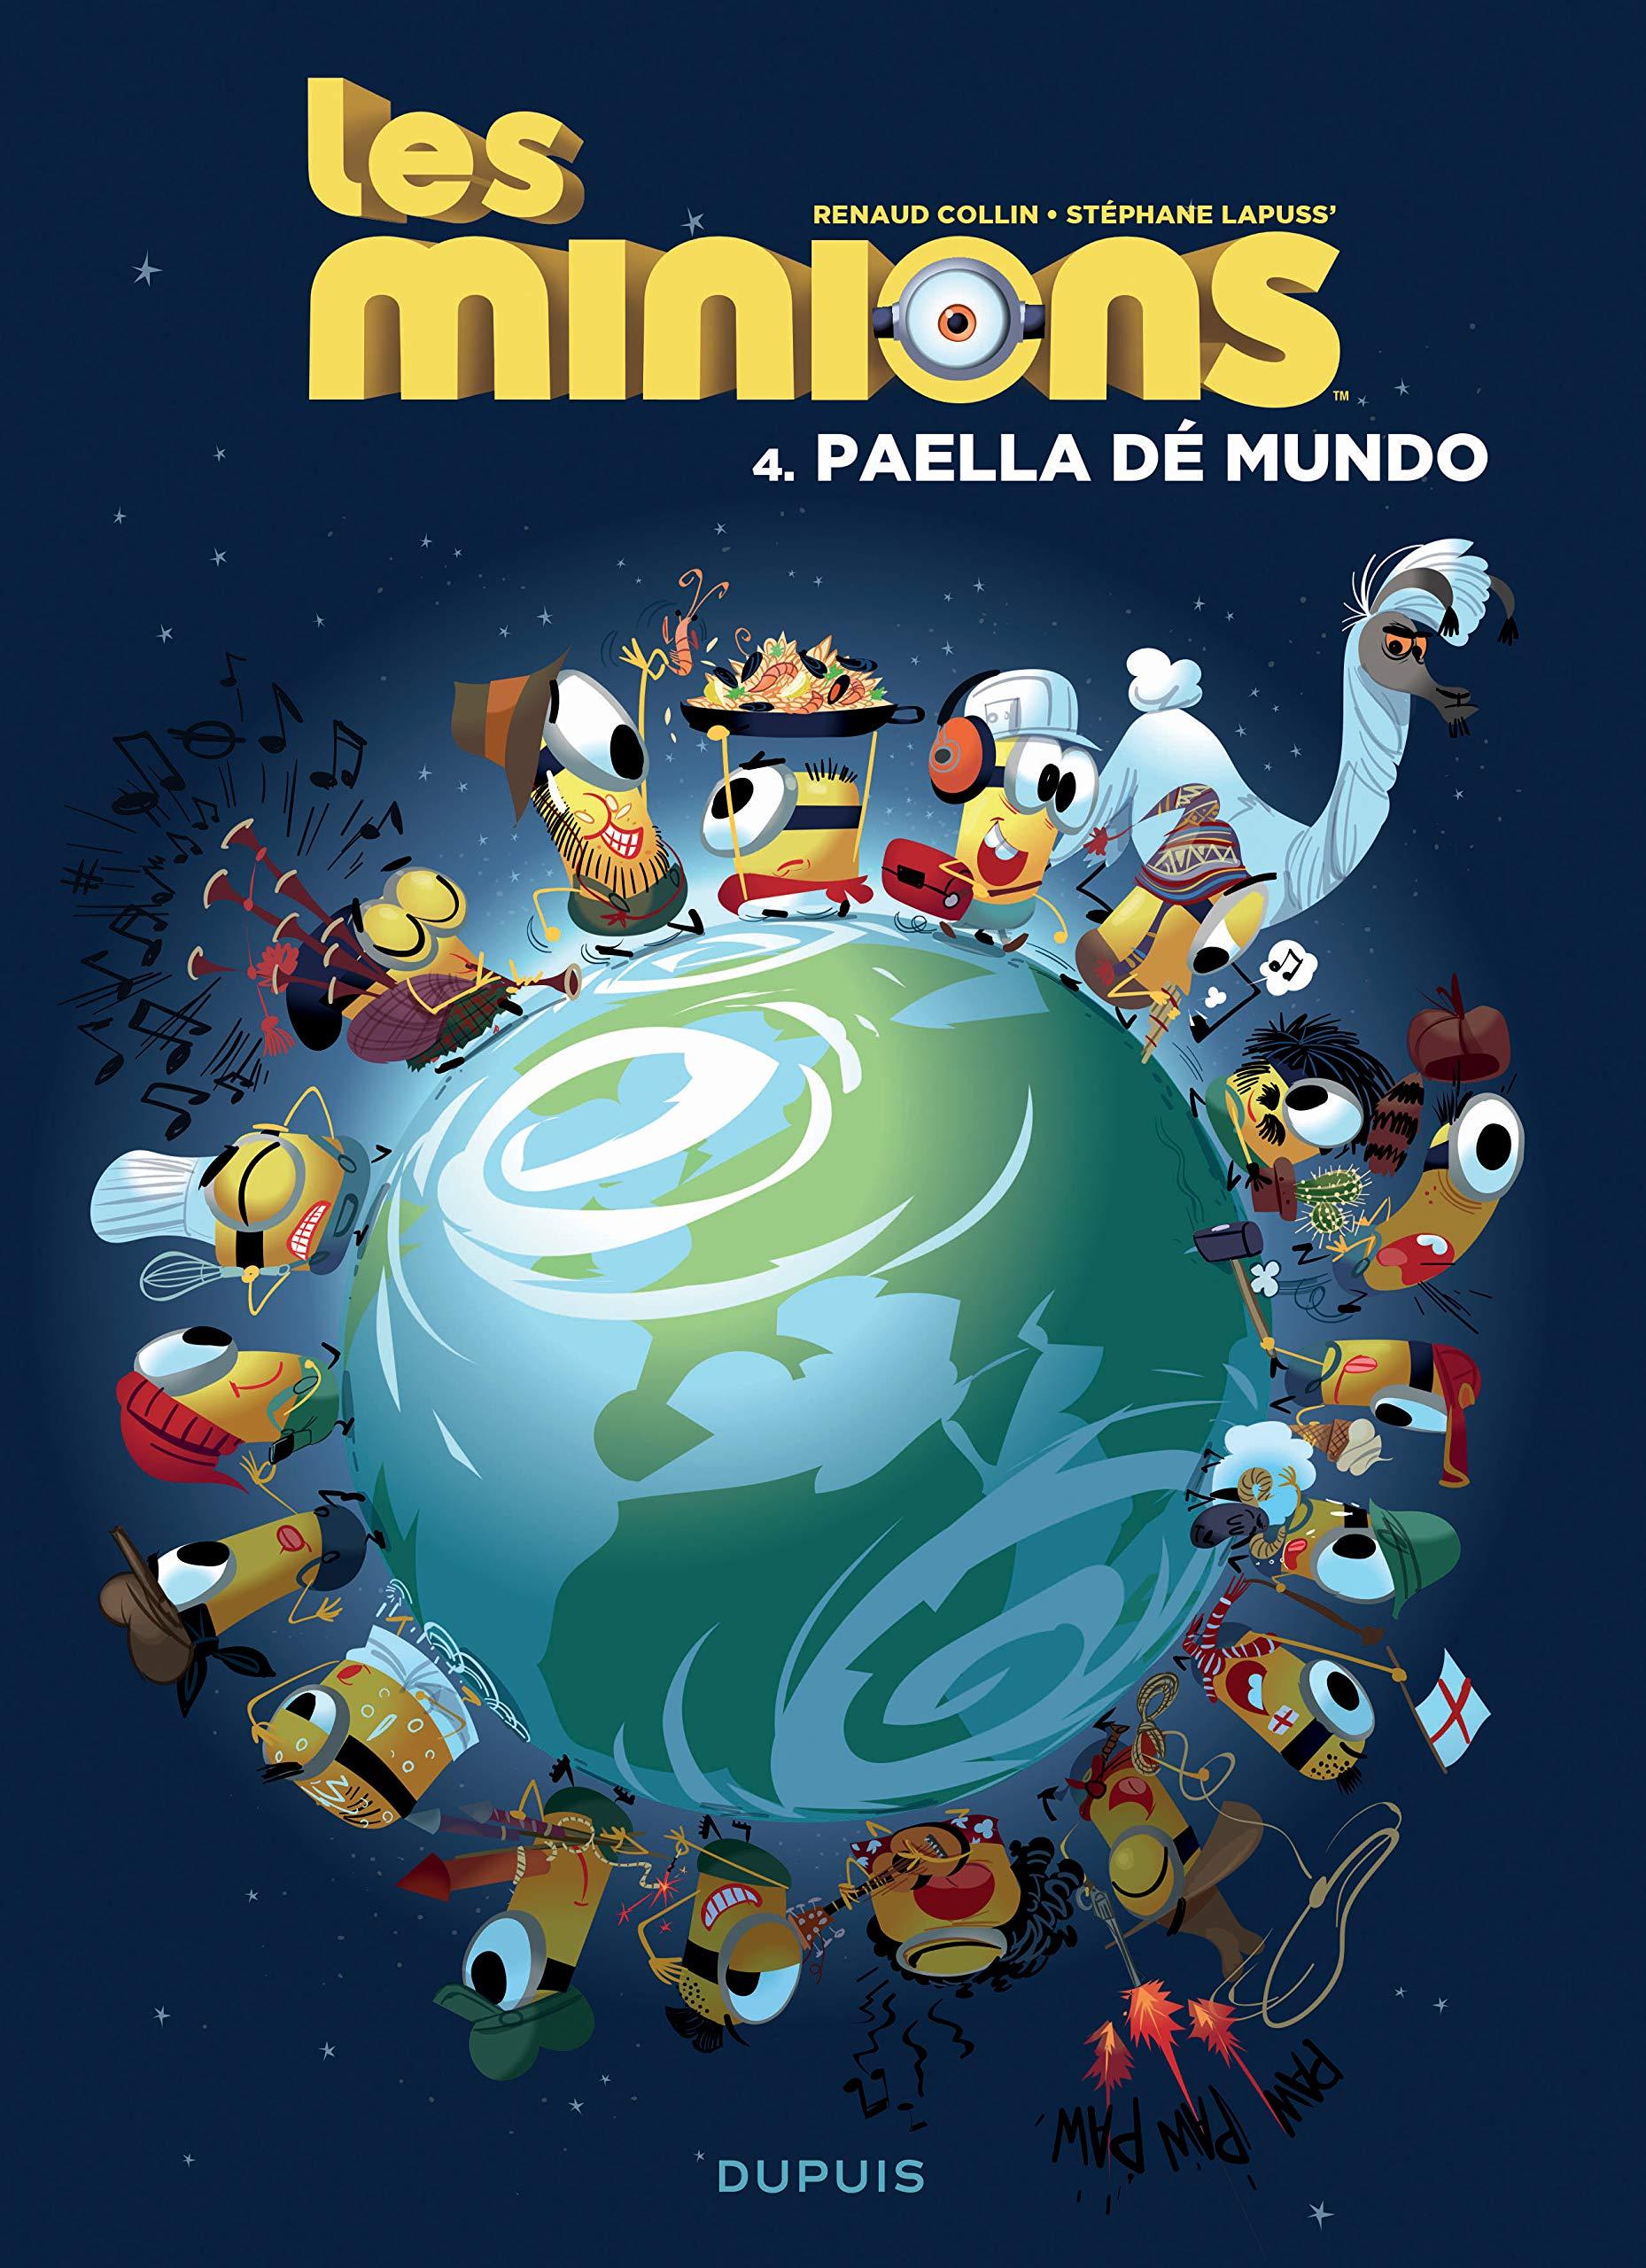 Les Minions 4 - Paella dé mundo